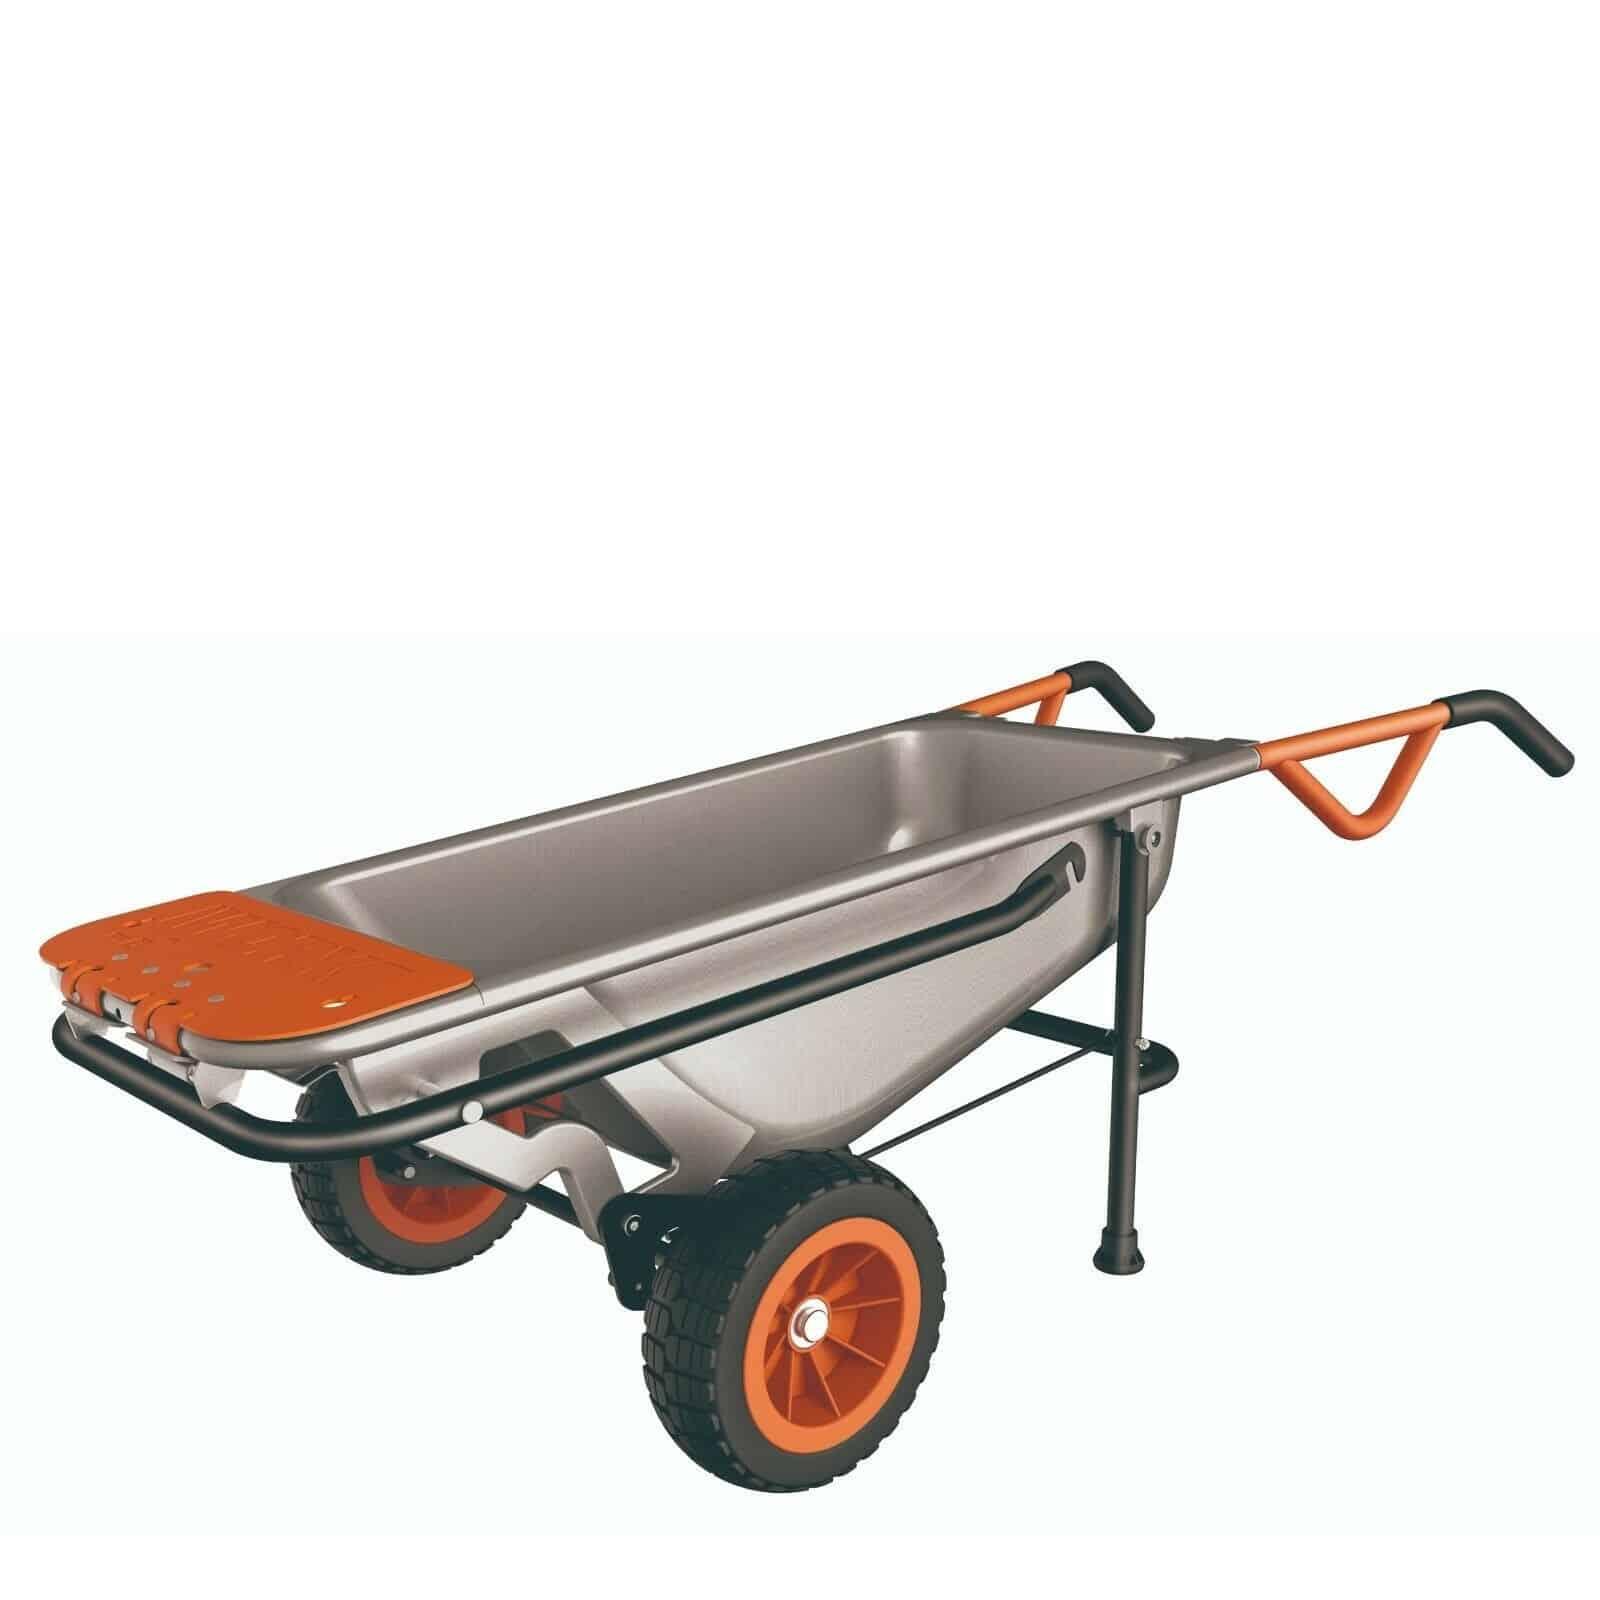 Aerocart 8 in 1 Wheelbarrow